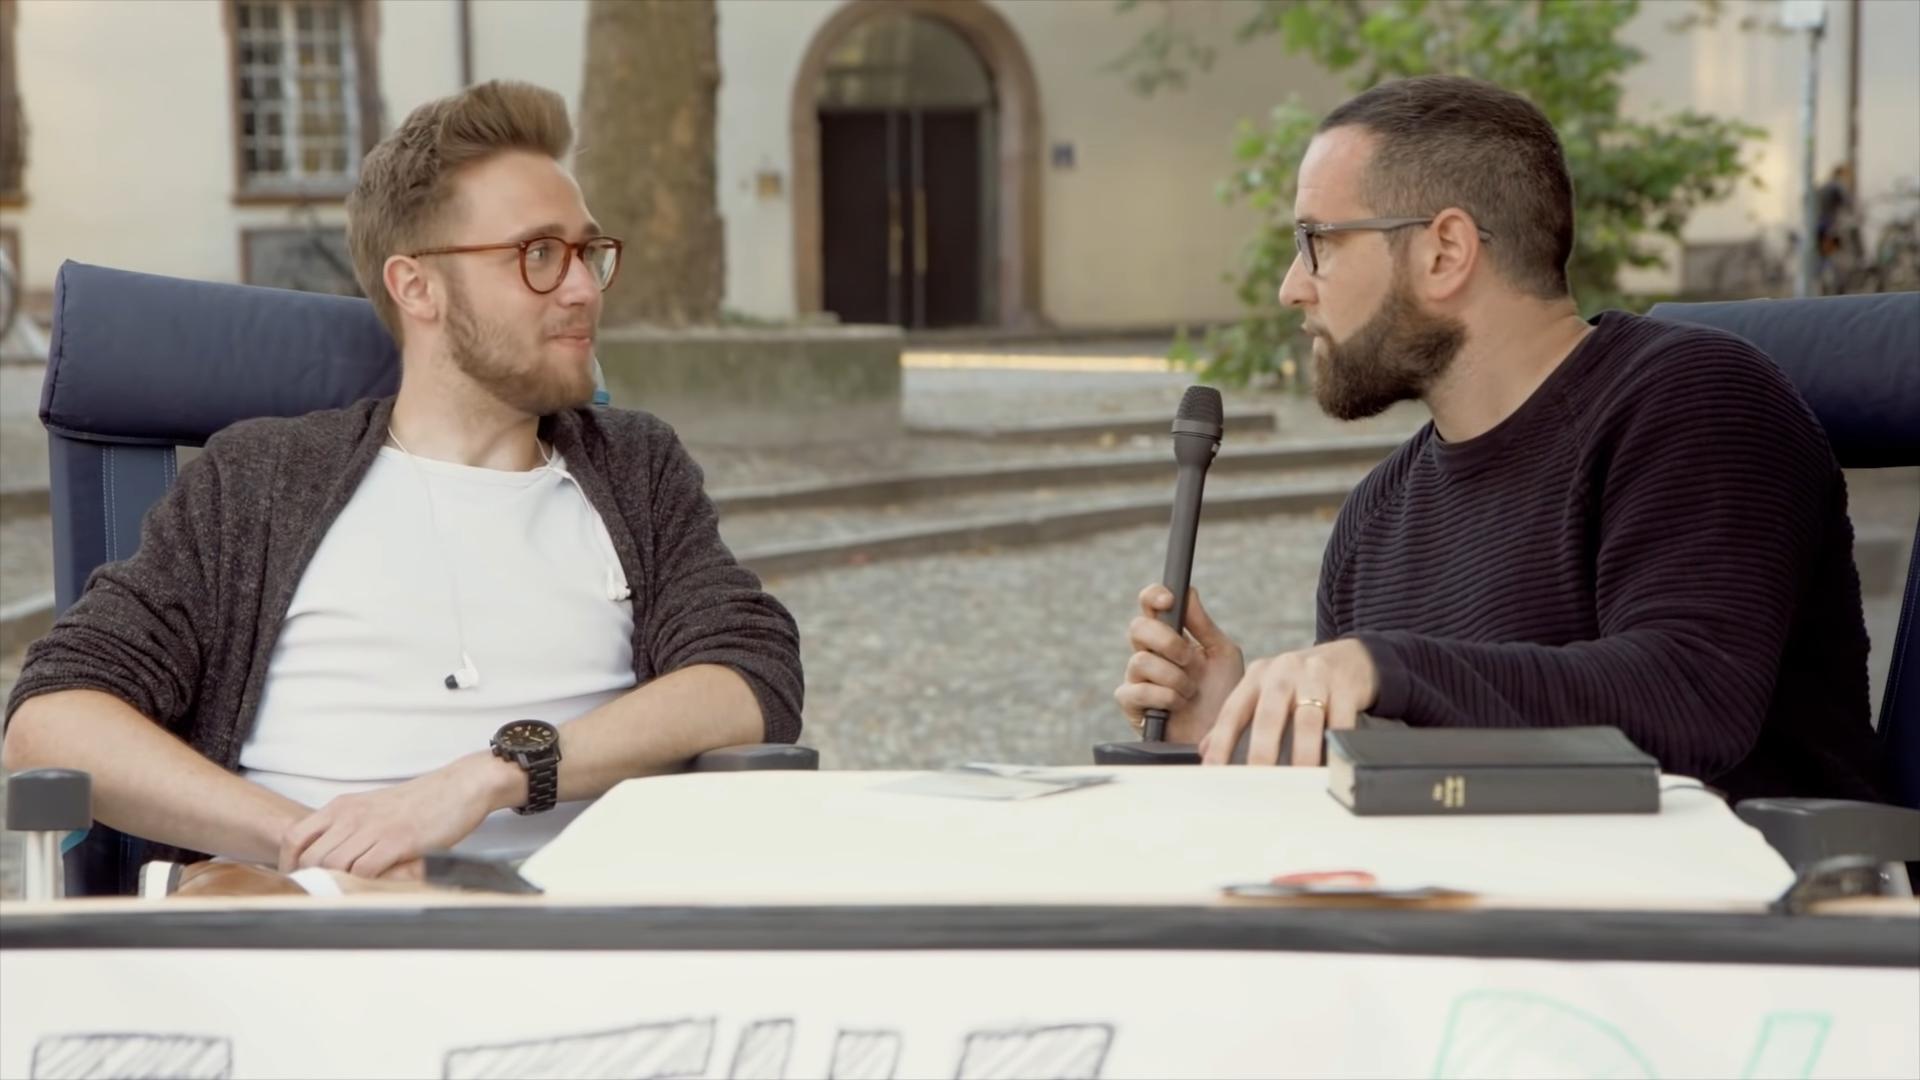 Gibt es Gott? | Atheist trifft Christ | Freundliche Straßendebatte – Teil 2